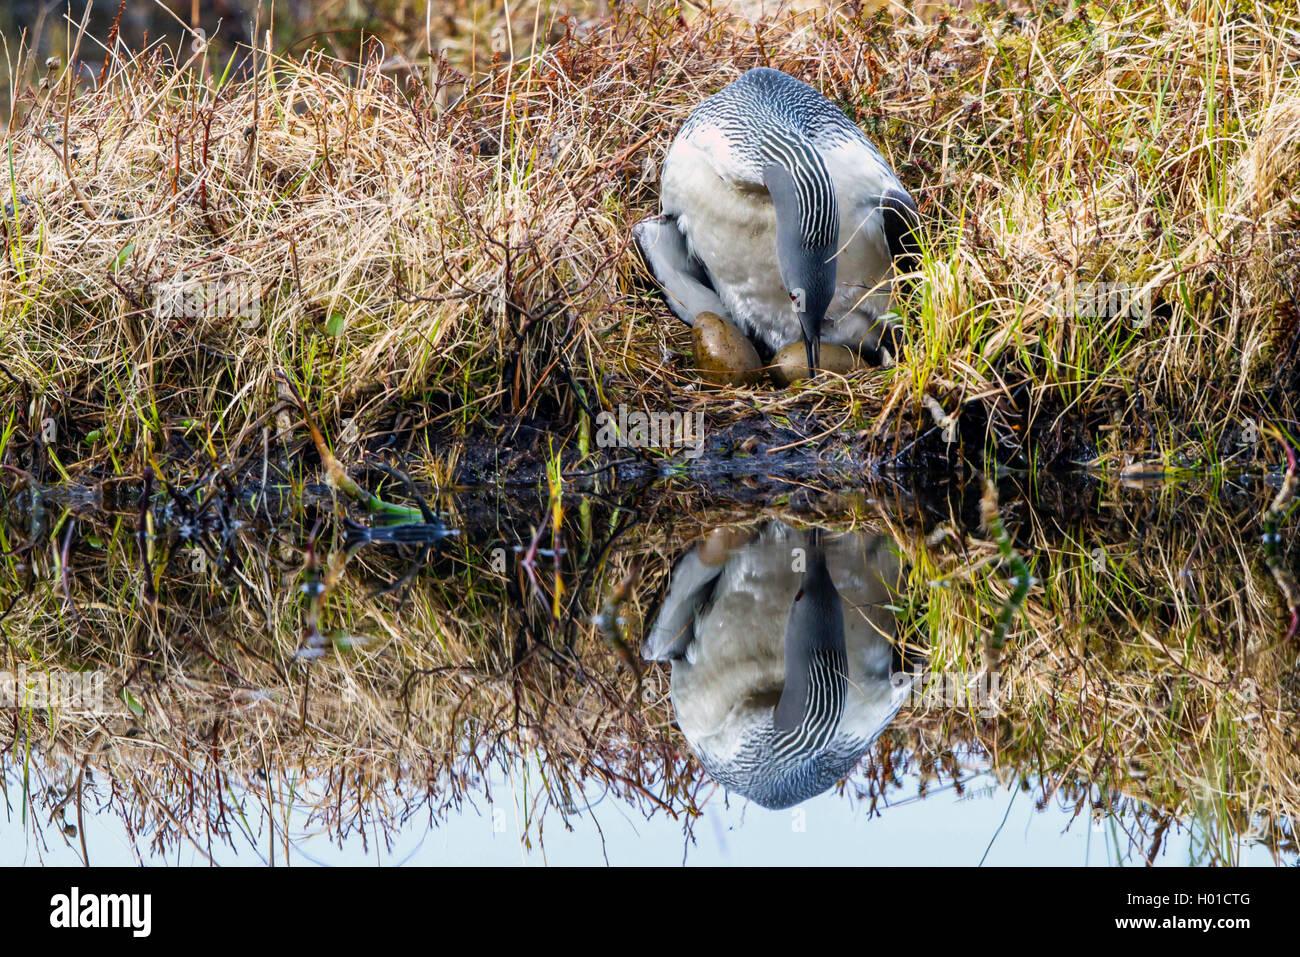 Sterntaucher, Stern-Taucher (Gavia Stellata), Dreht Die Eier Im Nest, Norwegen, Lofoten | Sterntaucher (Gavia Stellata), Stockbild